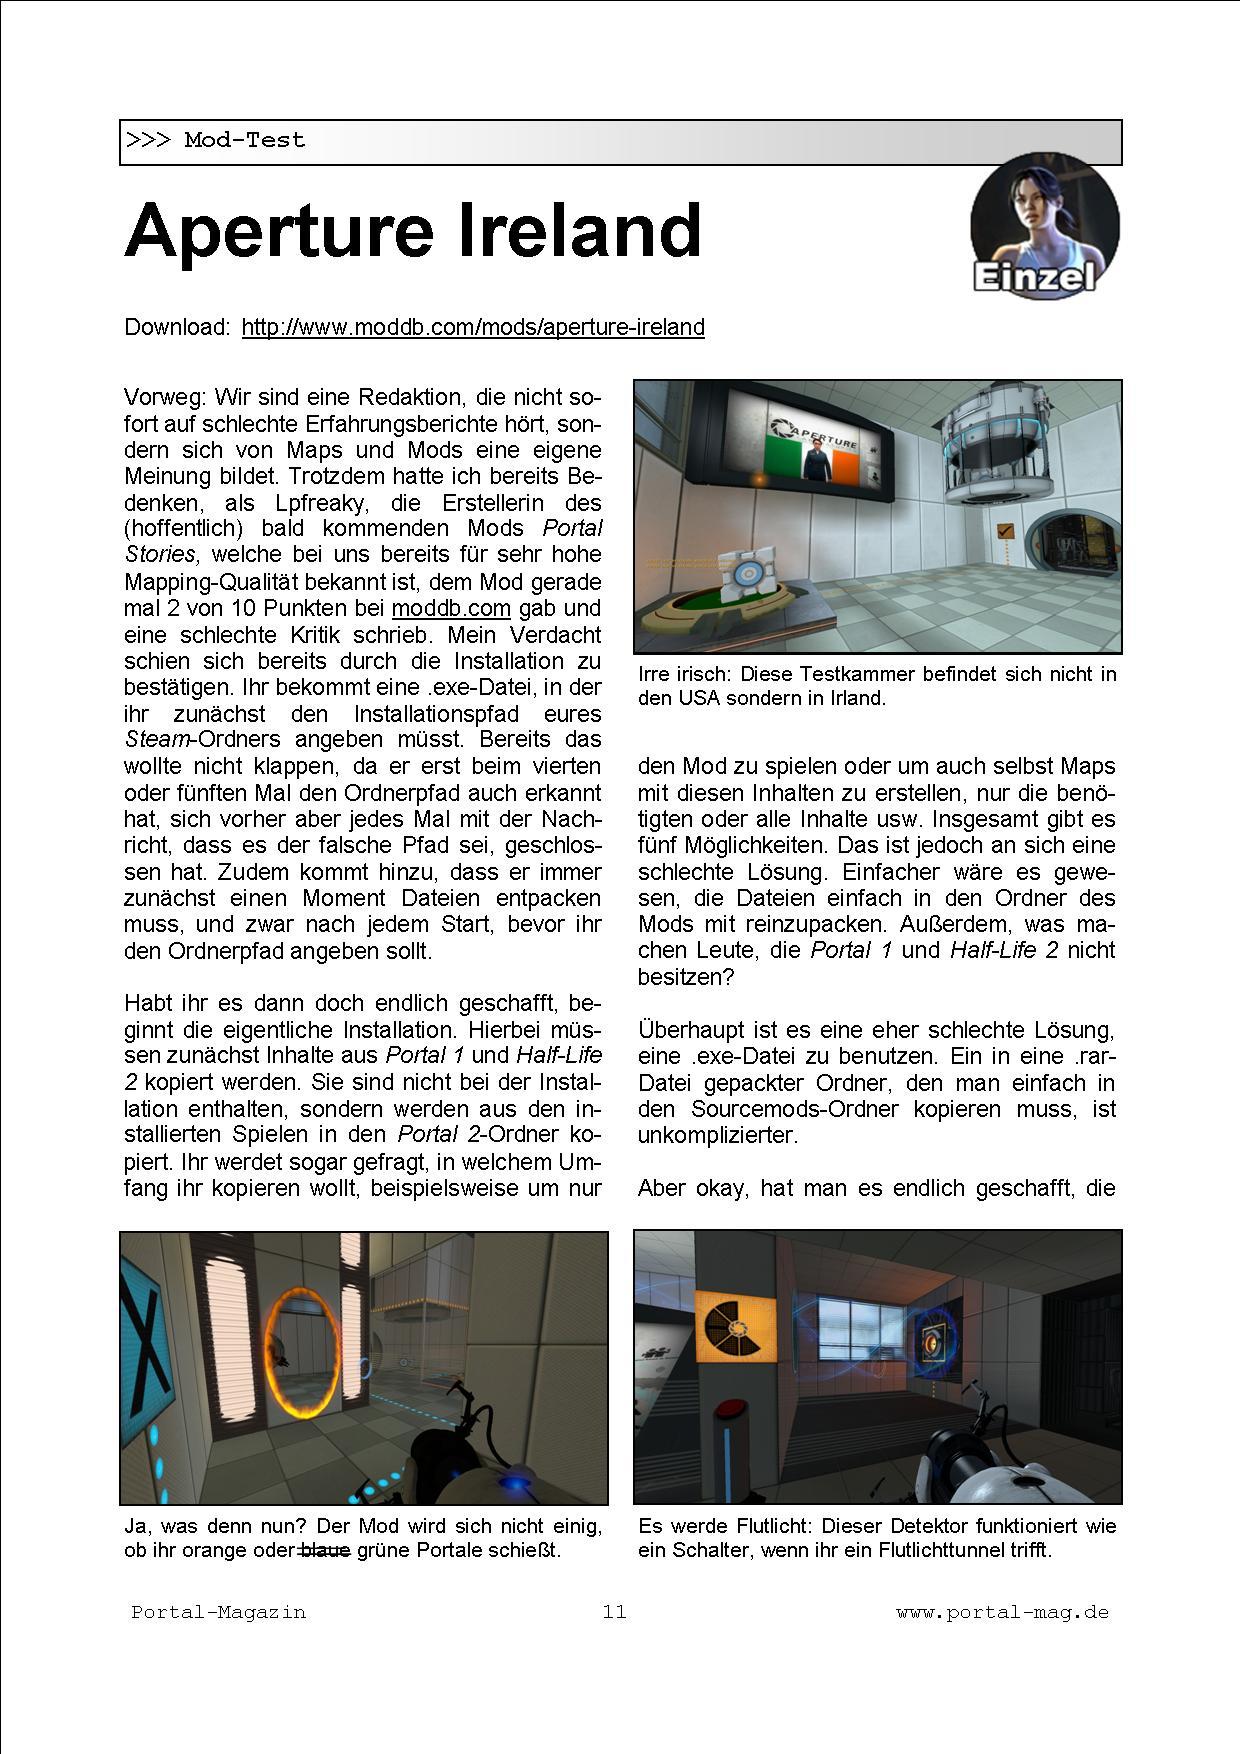 Ausgabe 12, Seite 11